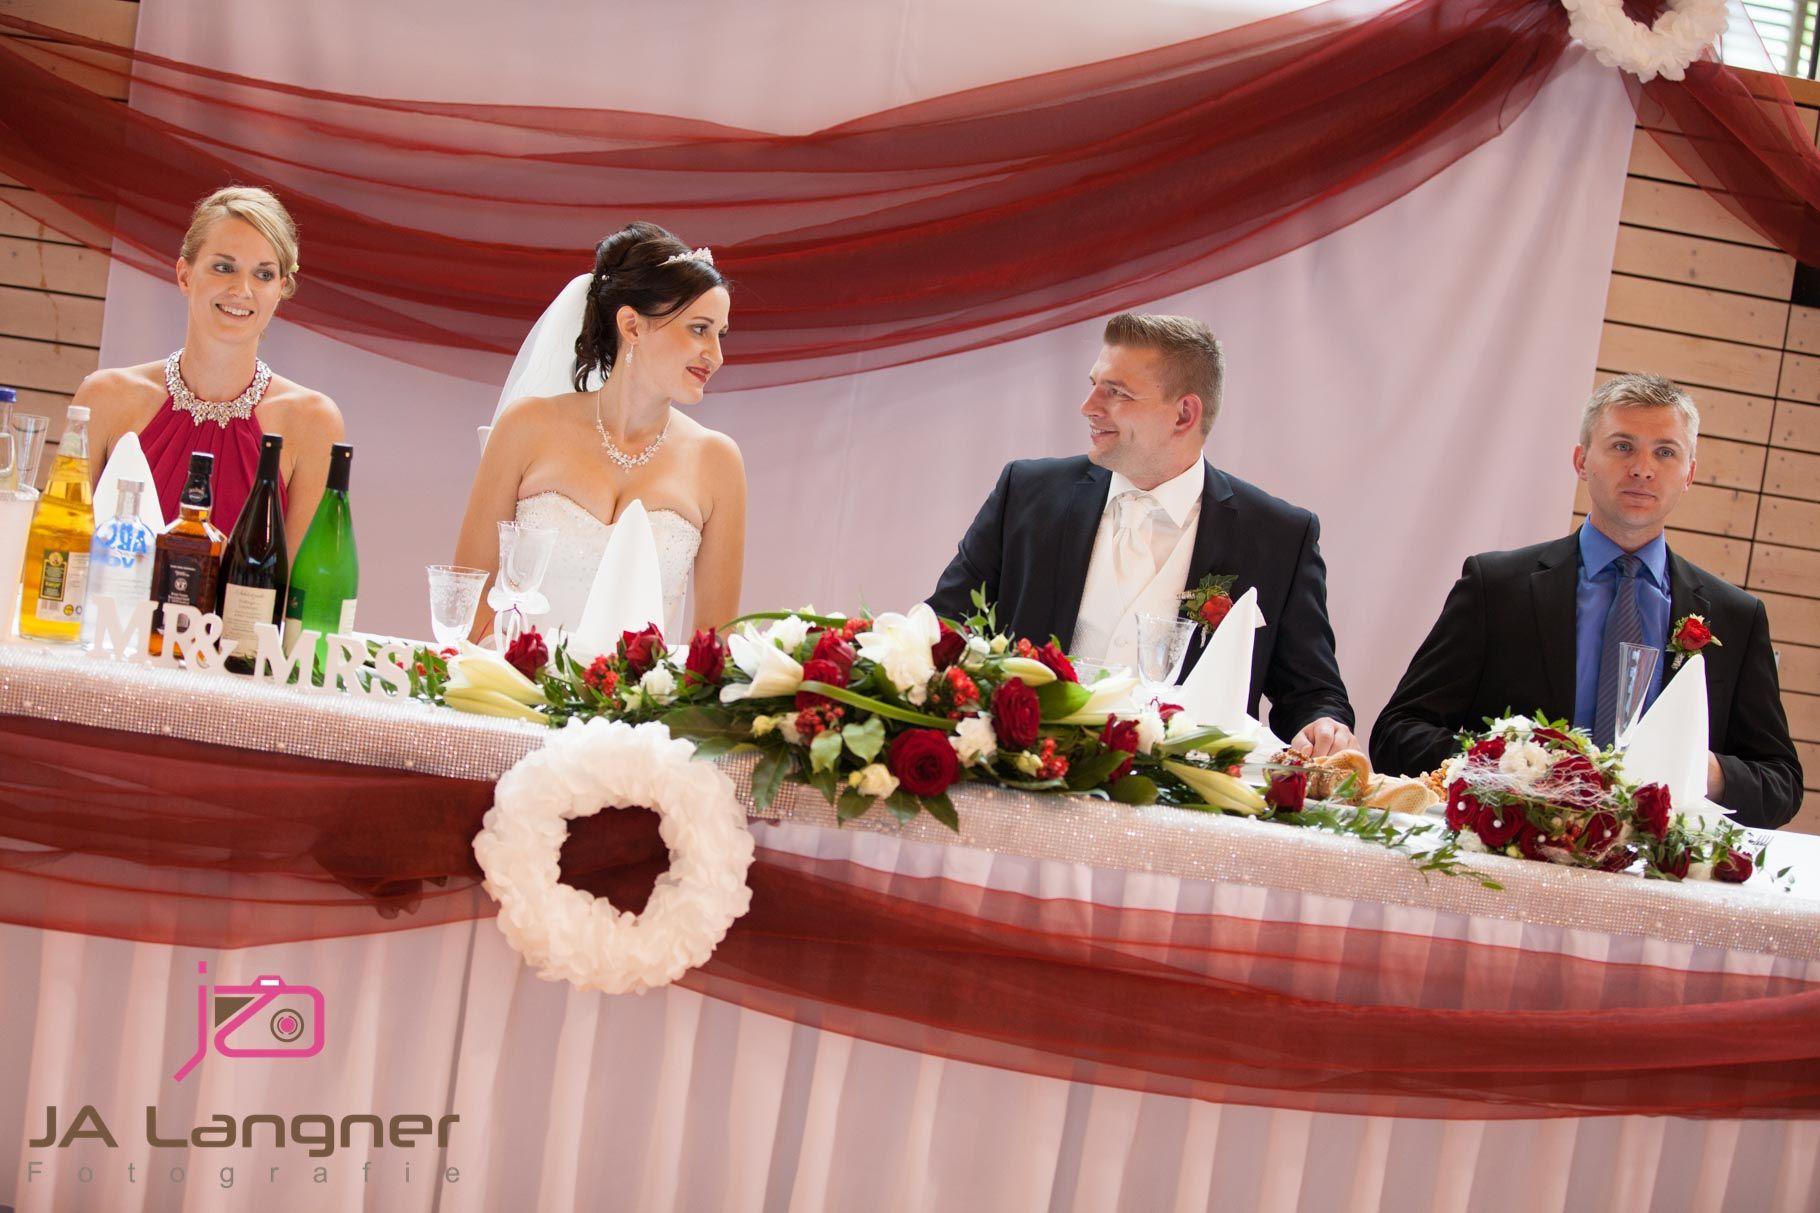 Hochzeitsfotograf Deutsch Russische Hochzeit In Muhlacker Russische Hochzeit Hochzeitsfotograf Hochzeit